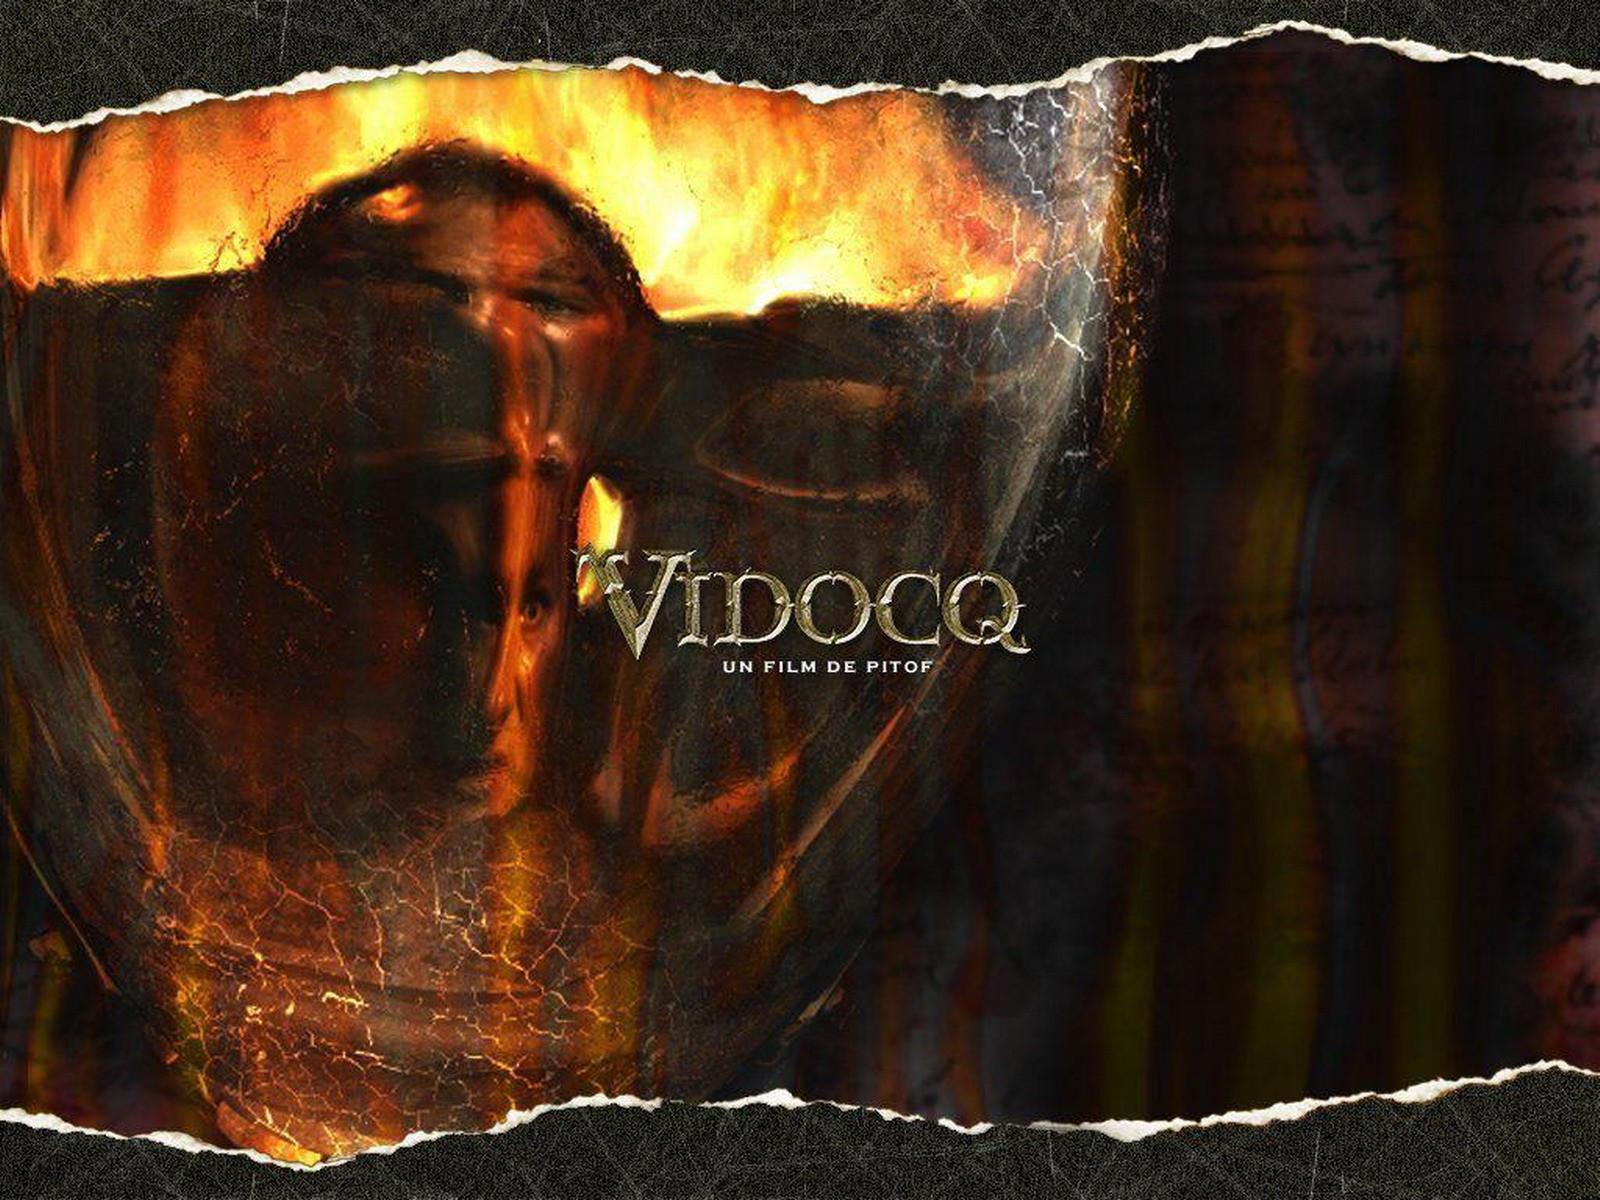 Видок, Vidocq